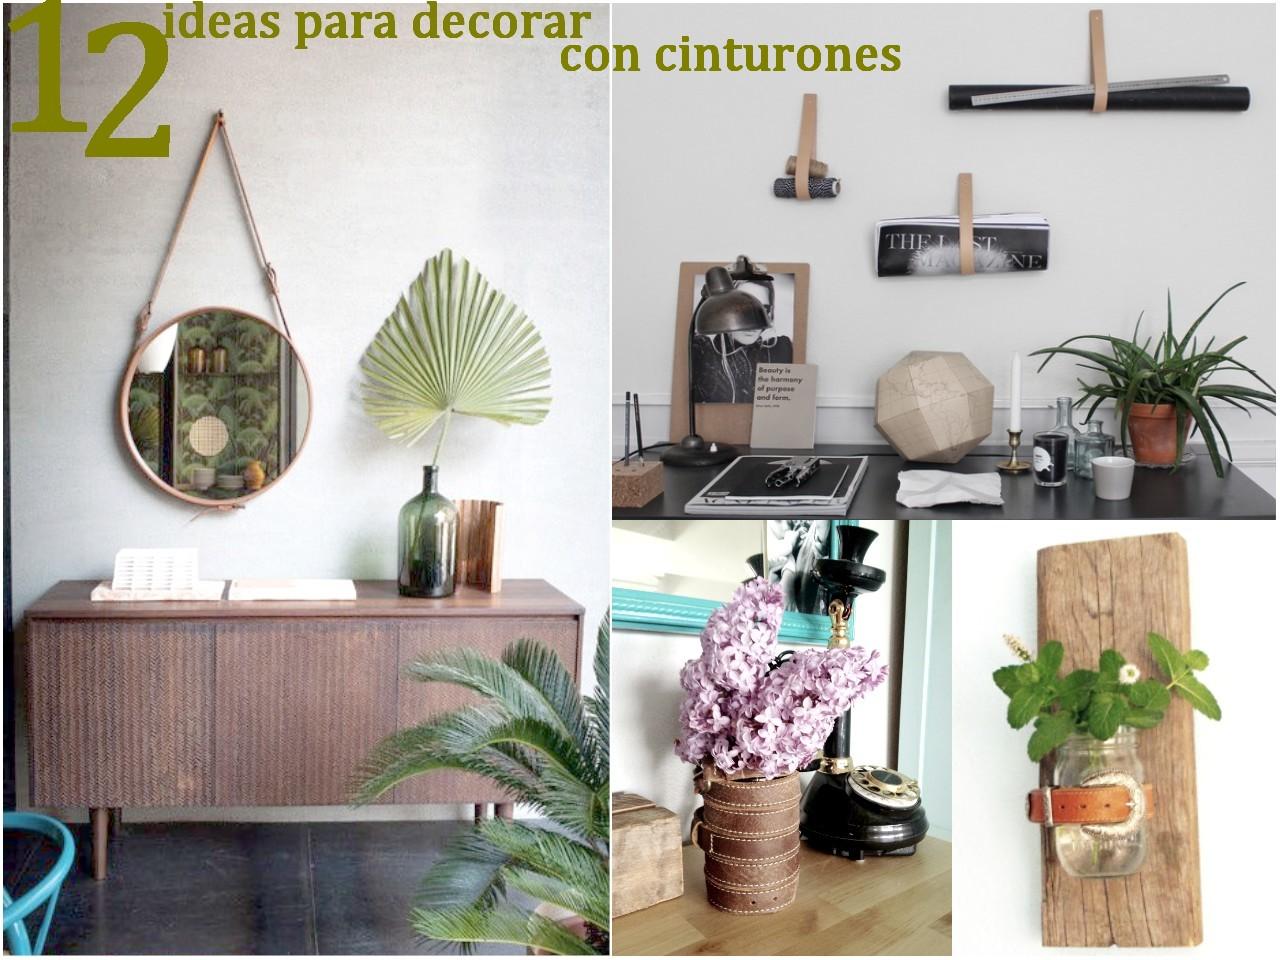 12 ideas para decorar con cinturones for Cosas de casa decoracion online